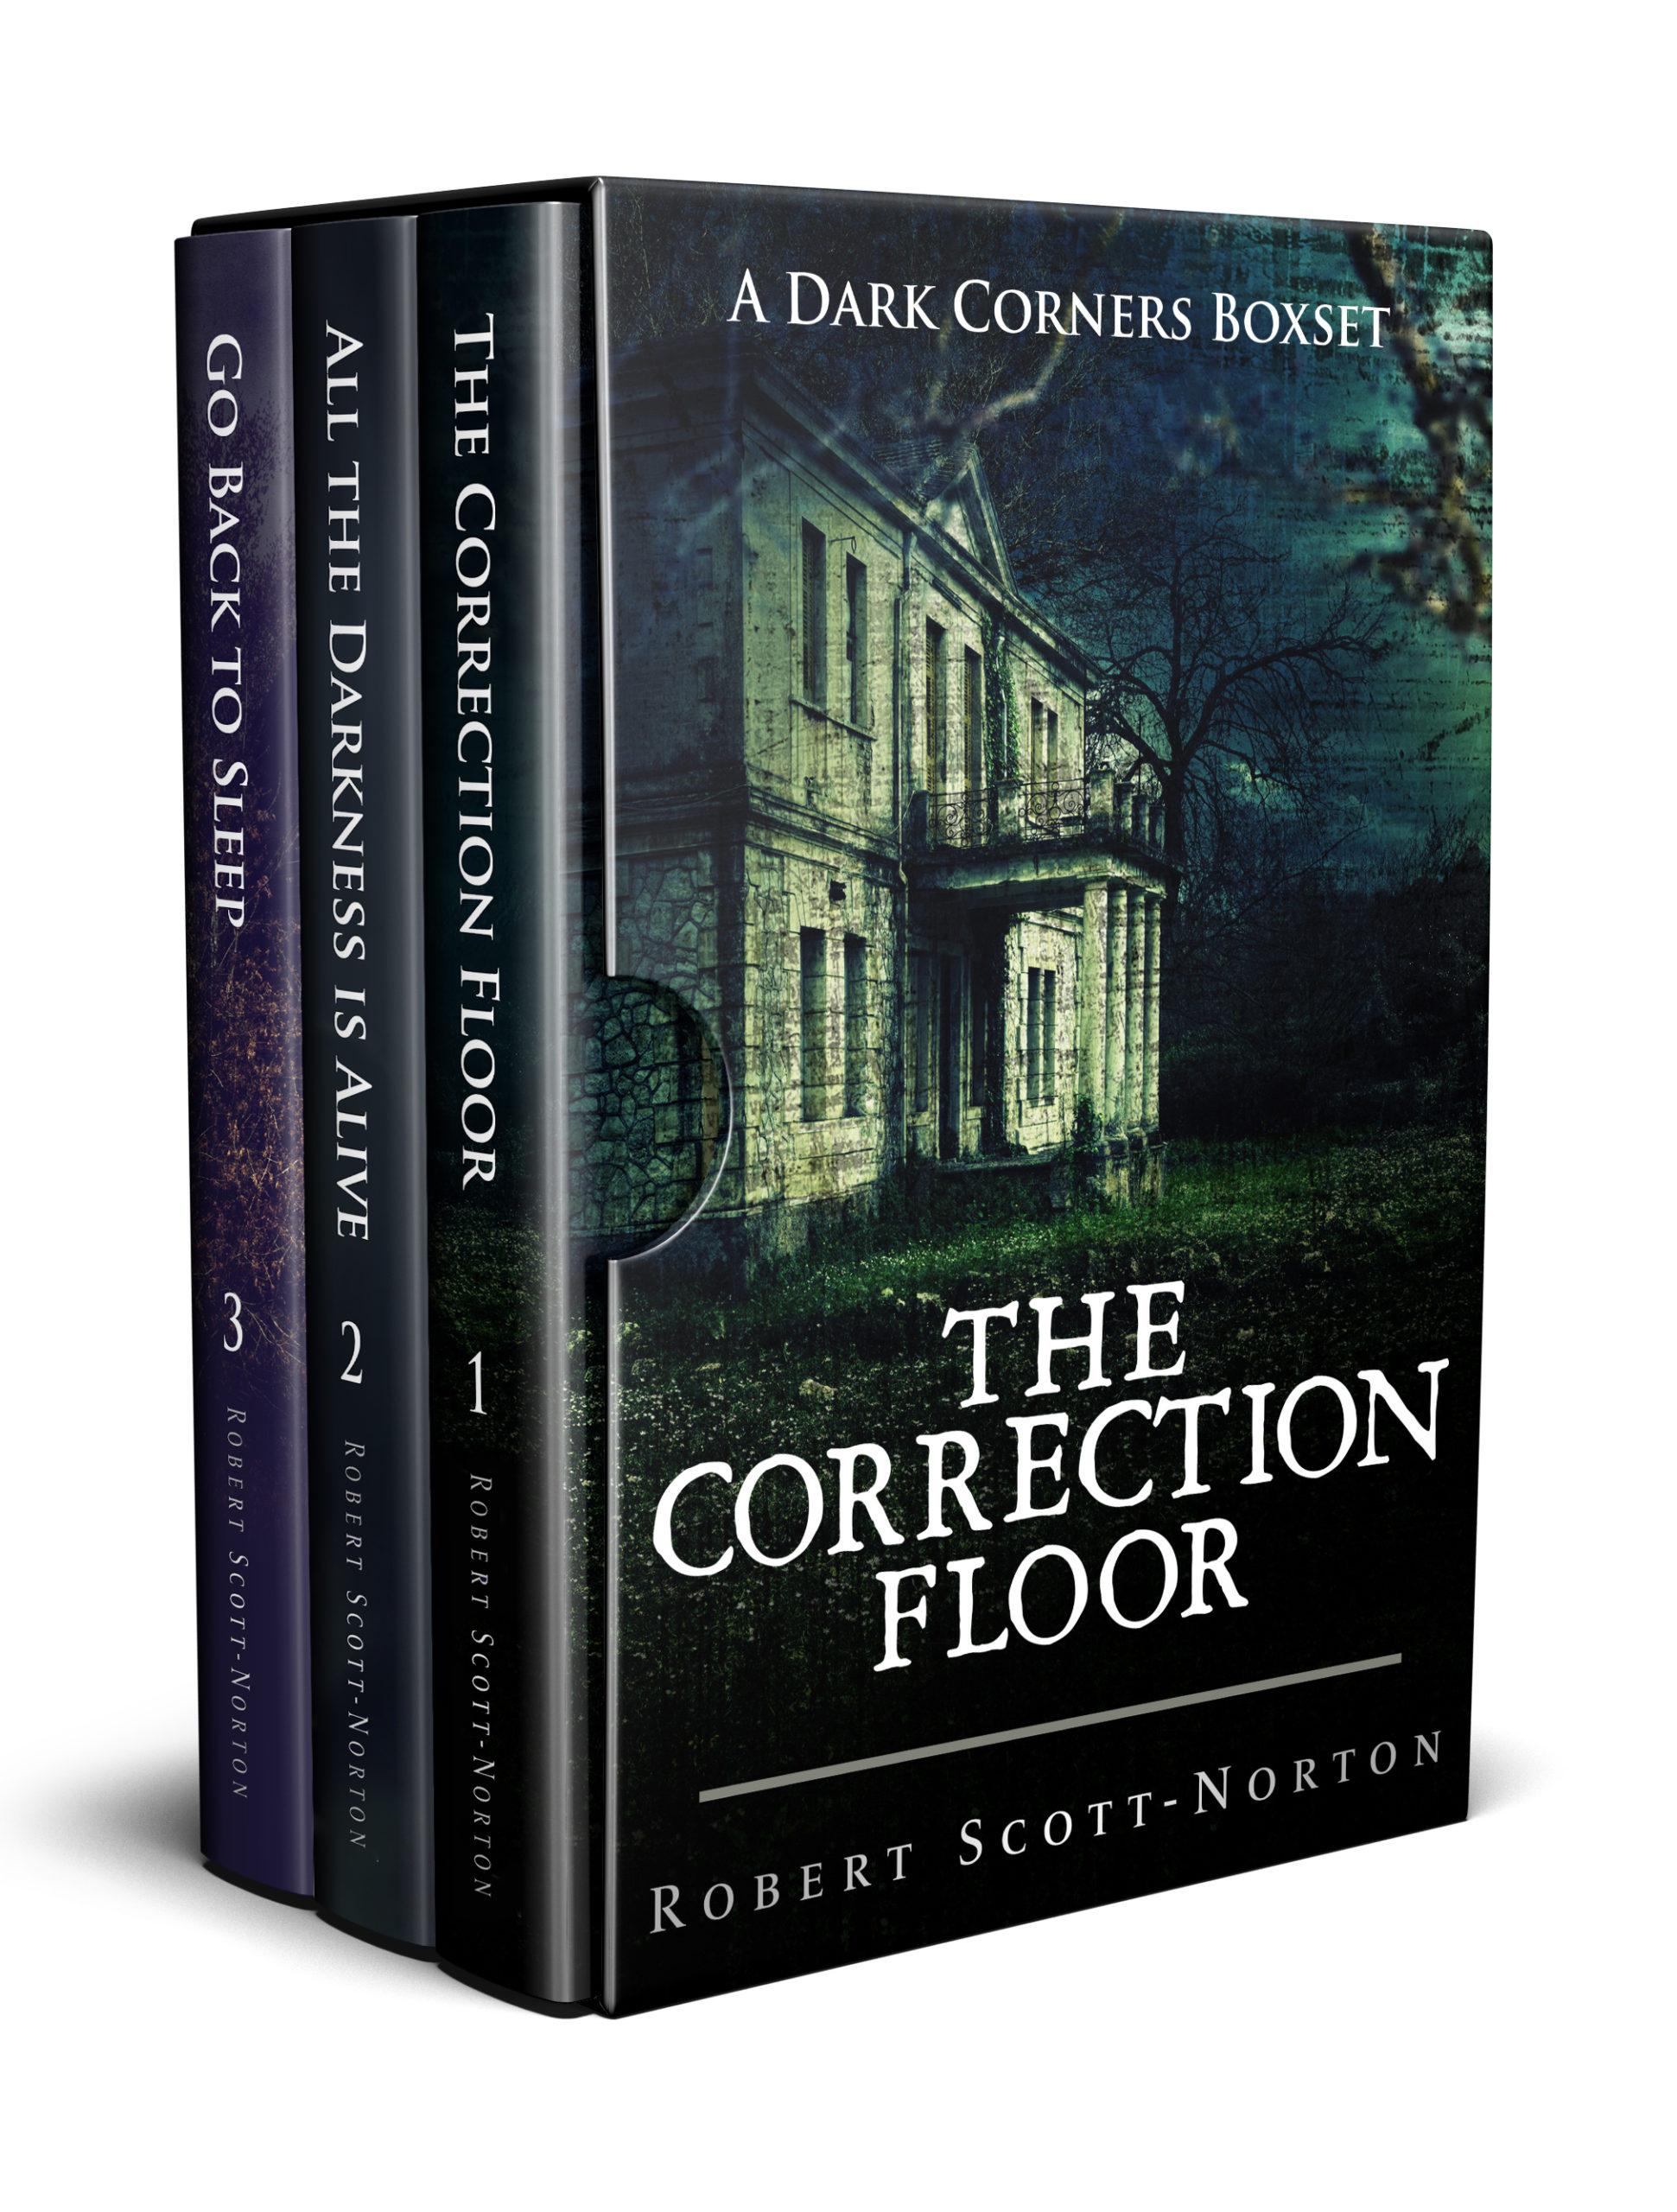 Boxset of books 1 to 3 in Dark Corners series